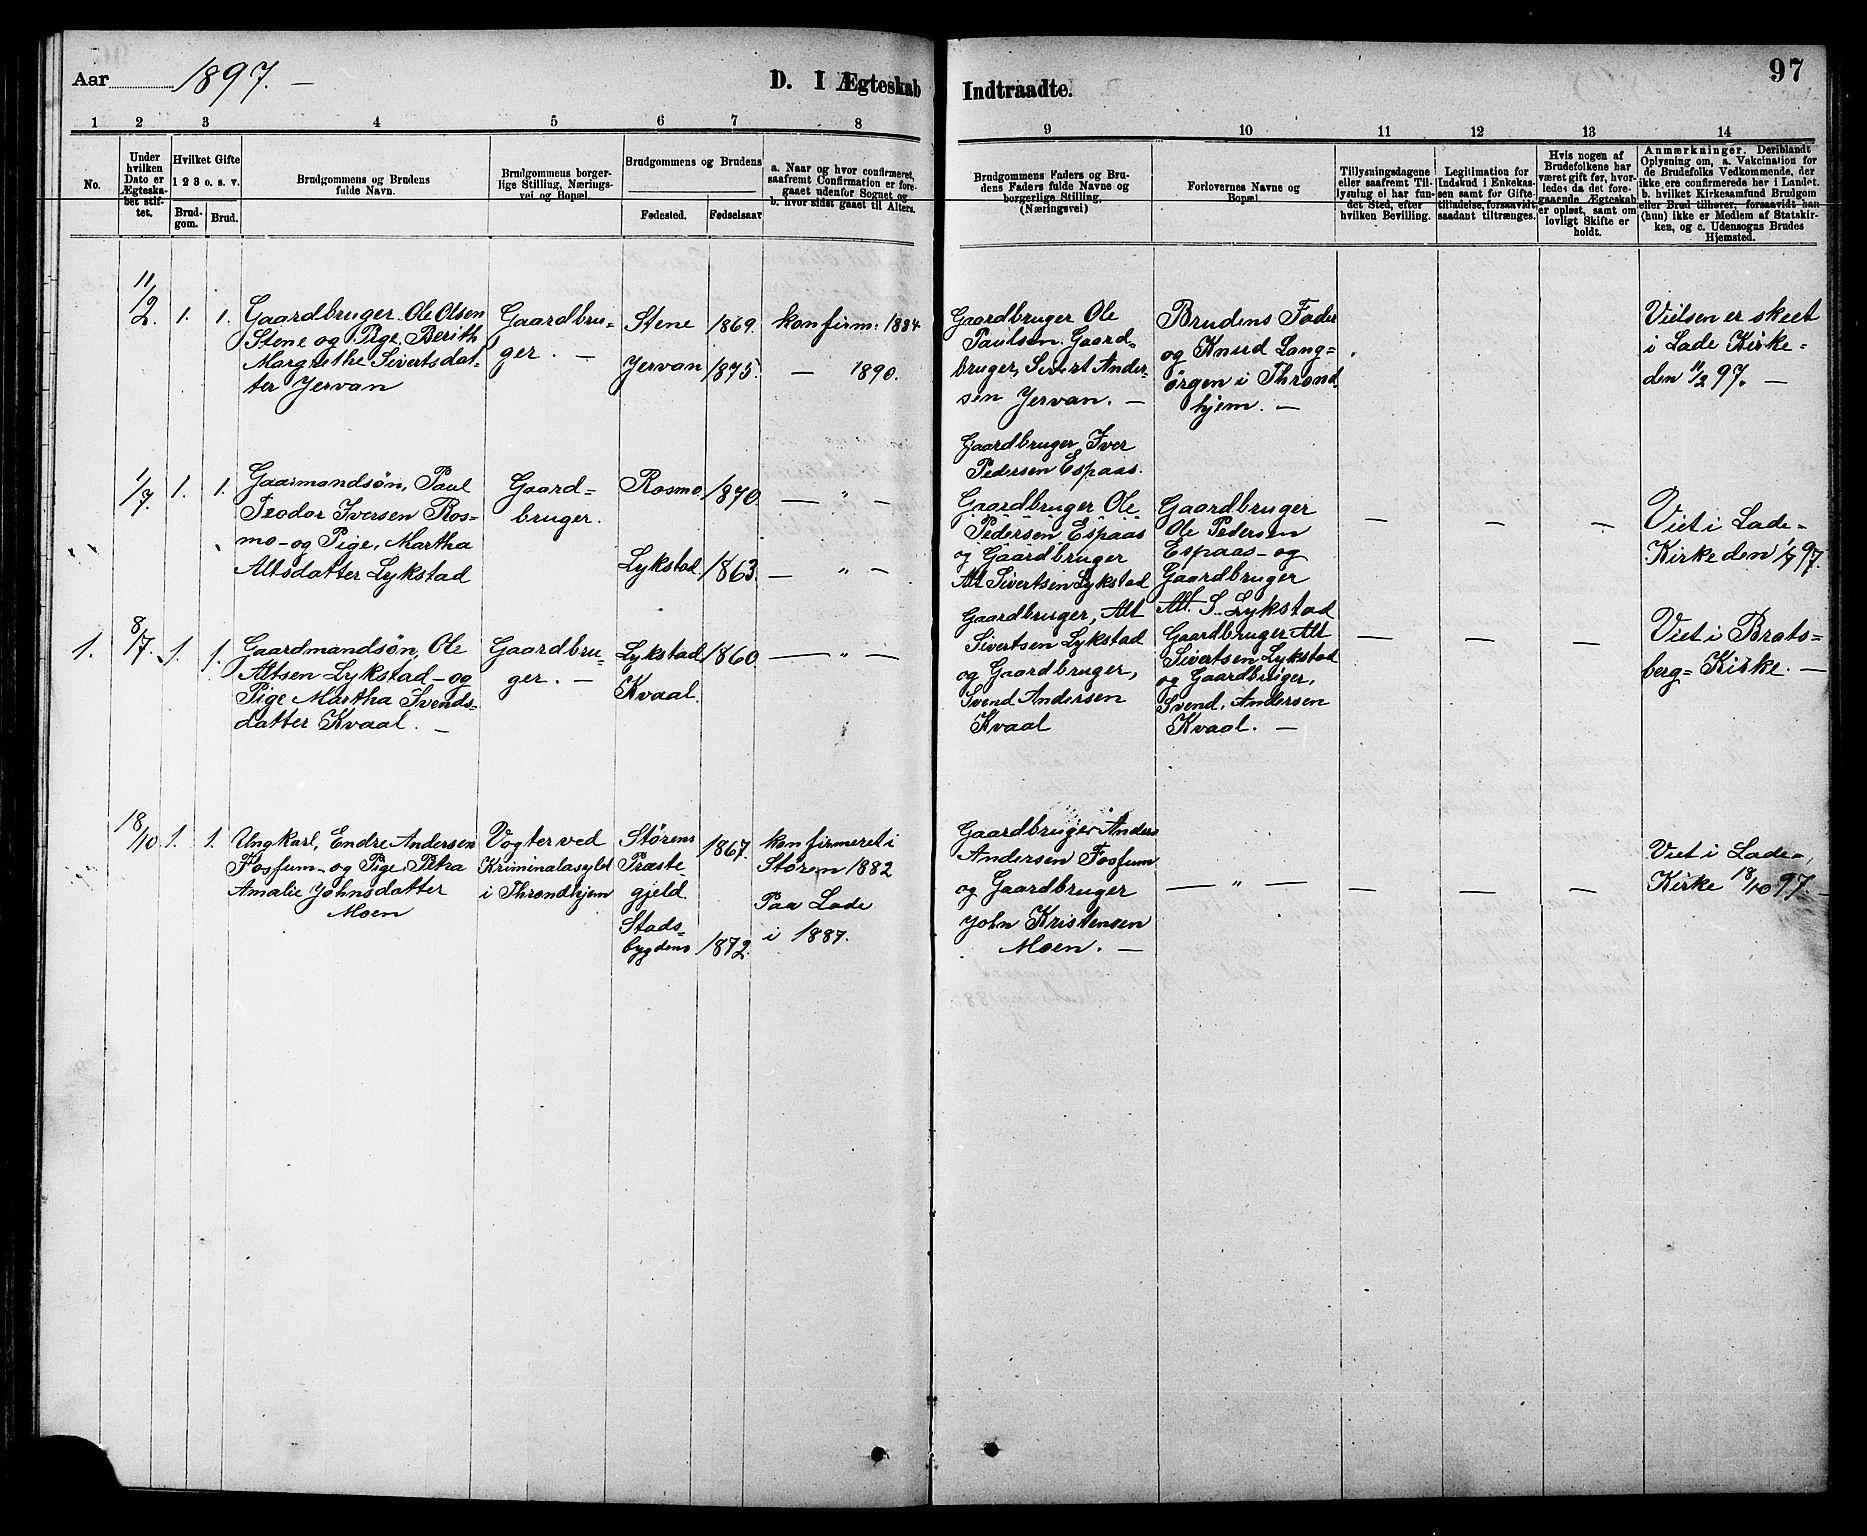 SAT, Ministerialprotokoller, klokkerbøker og fødselsregistre - Sør-Trøndelag, 608/L0341: Klokkerbok nr. 608C07, 1890-1912, s. 97